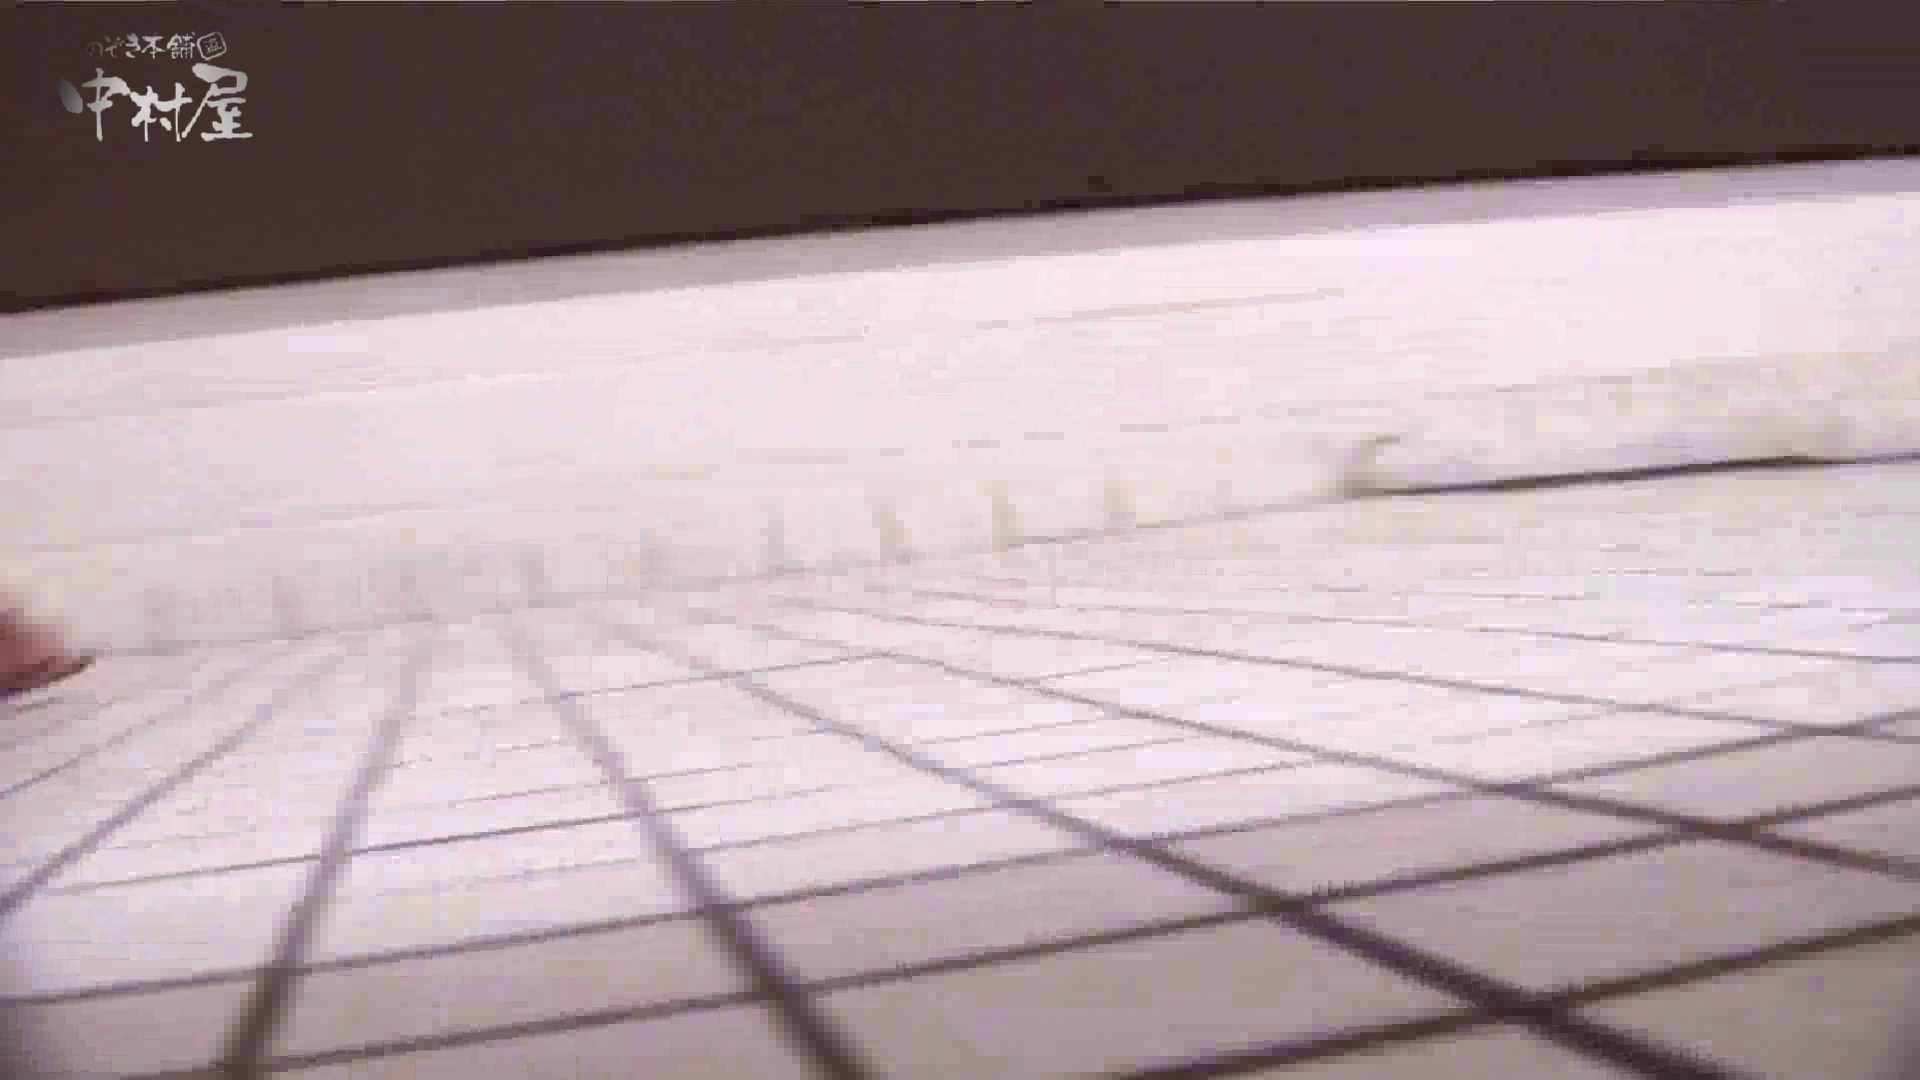 洗面所突入レポート!!vol.14 盗撮 おまんこ無修正動画無料 113連発 93